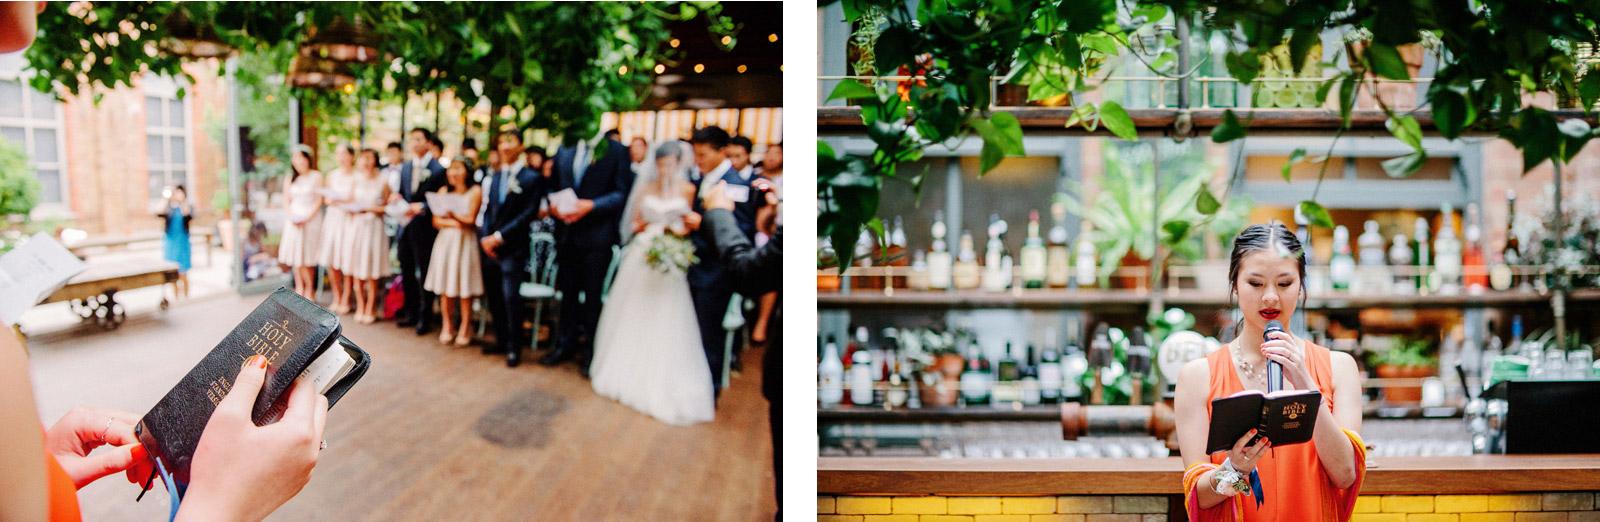 wedding-anne-darren-081